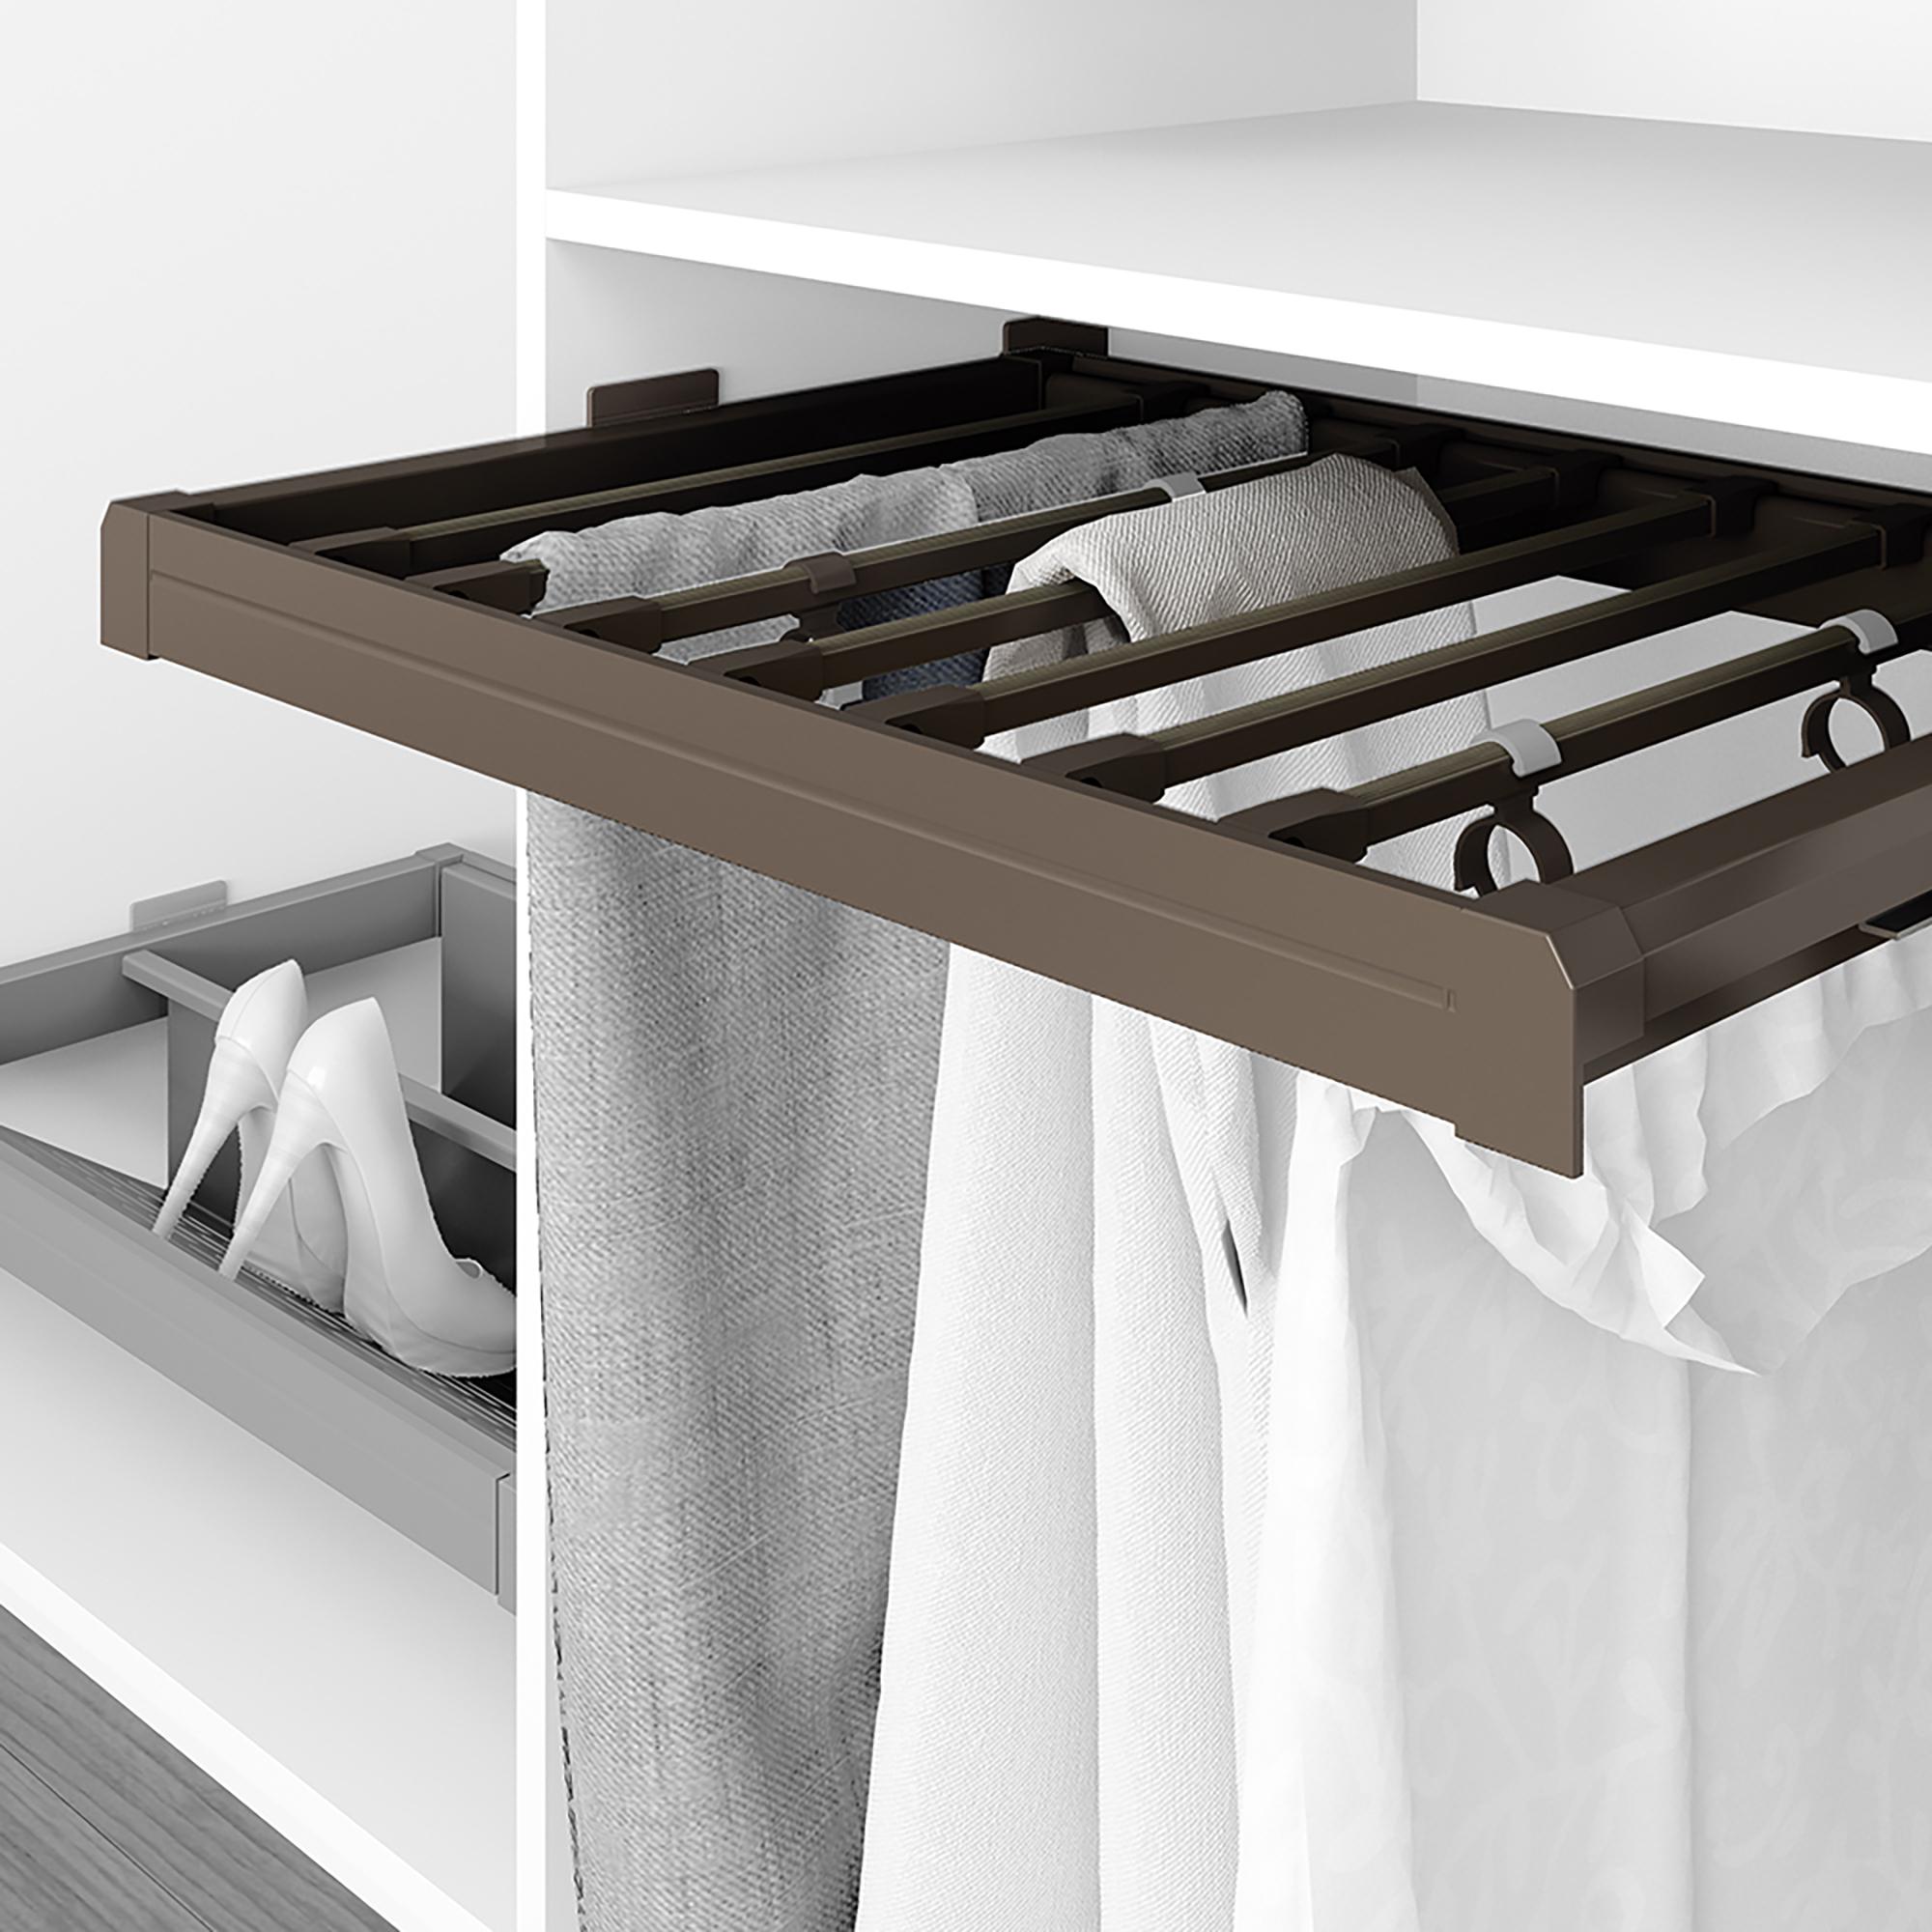 Emuca Porta pantaloni estraibile, regolabile, modulo di 900 mm, 7 grucce, Alluminio e Acciaio, Color moka